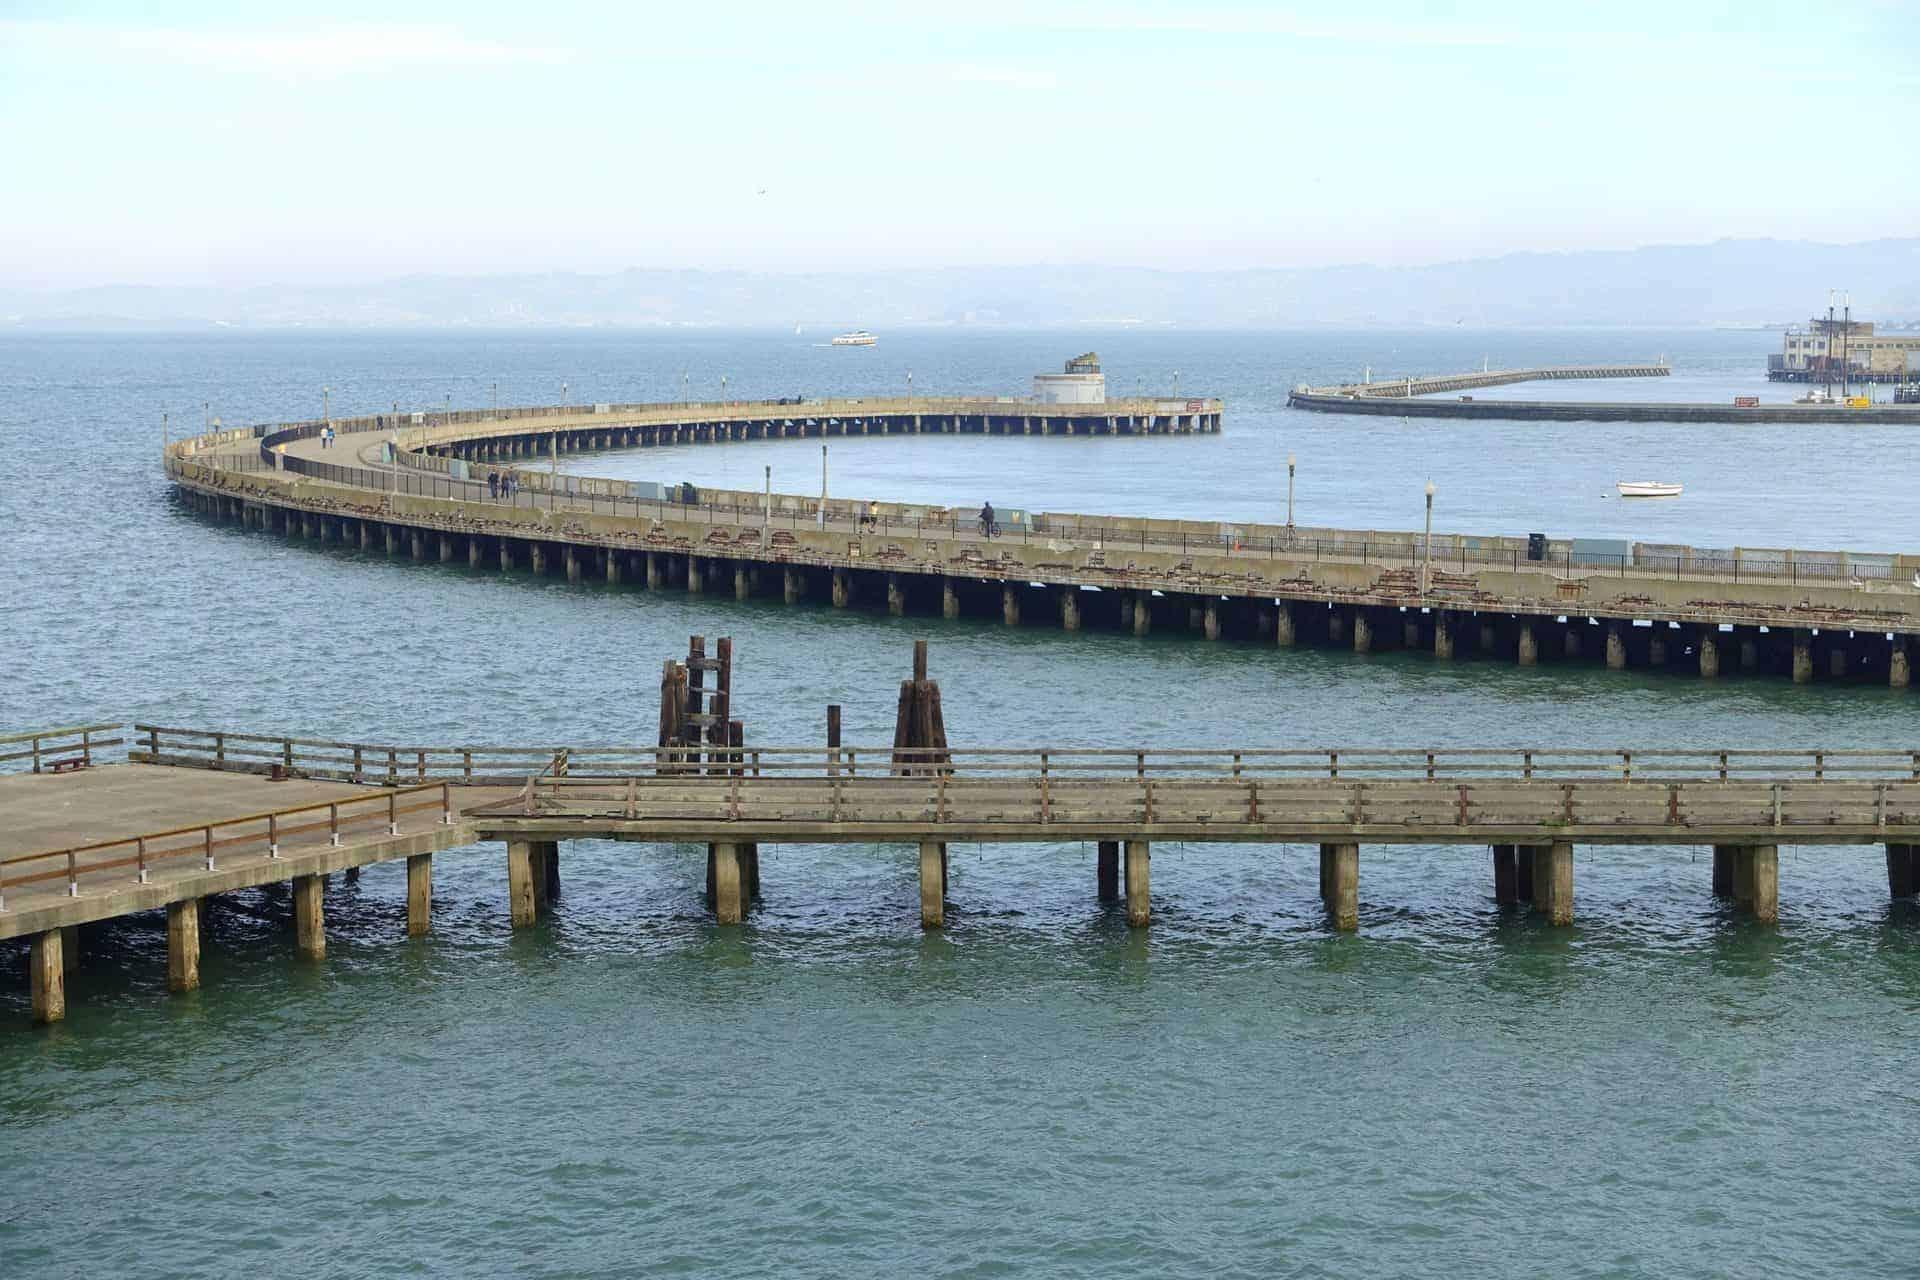 TP1_Municipal_Pier_(Aquatic_Park_Historic_District)_-_San_Francisco,_CA_-DSC02359